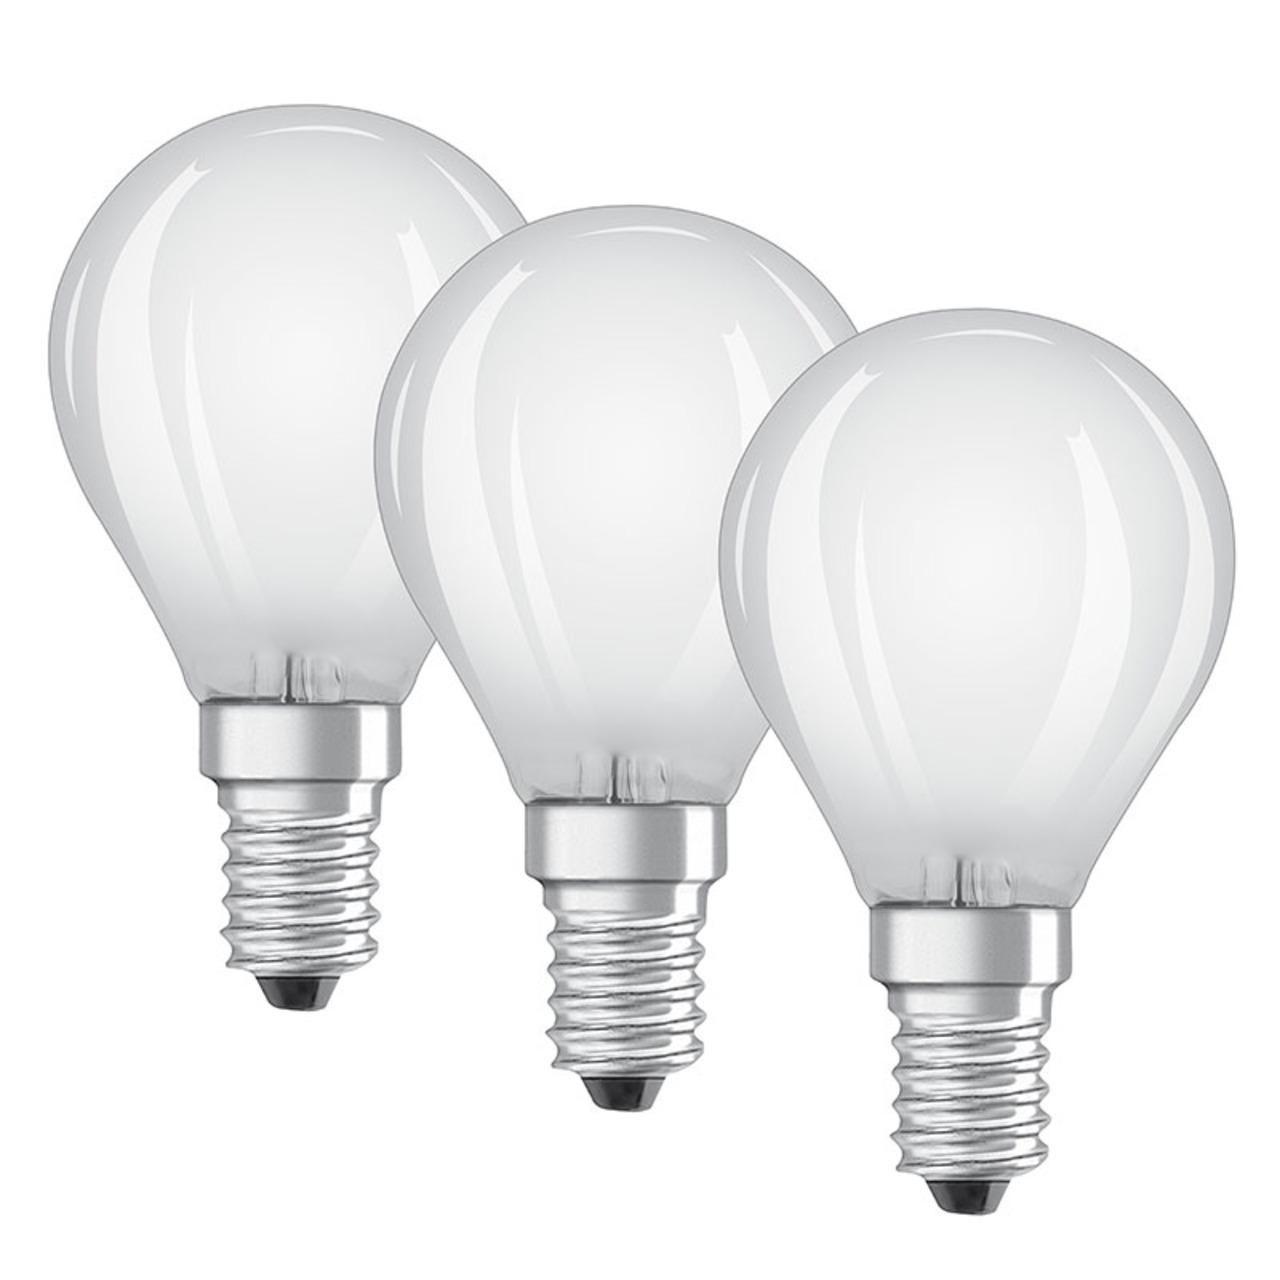 OSRAM 3er Set 4-W-LED-Lampe P45- E14- 470 lm- warmweiss- matt